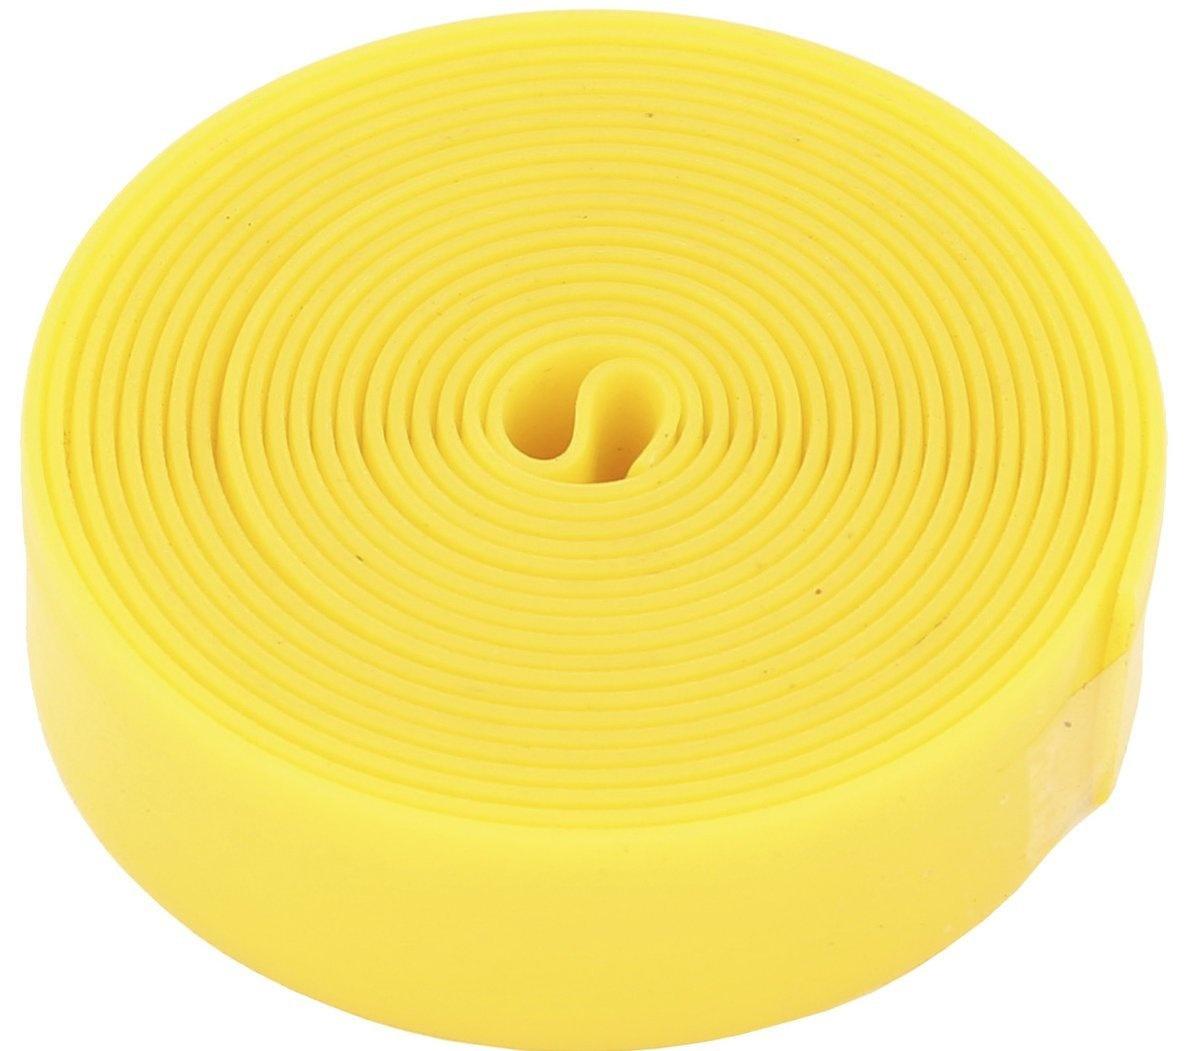 Billede af Con-Tec Puncture Protection dækindlæg - Gul 19/23c (Inklusiv Montering)